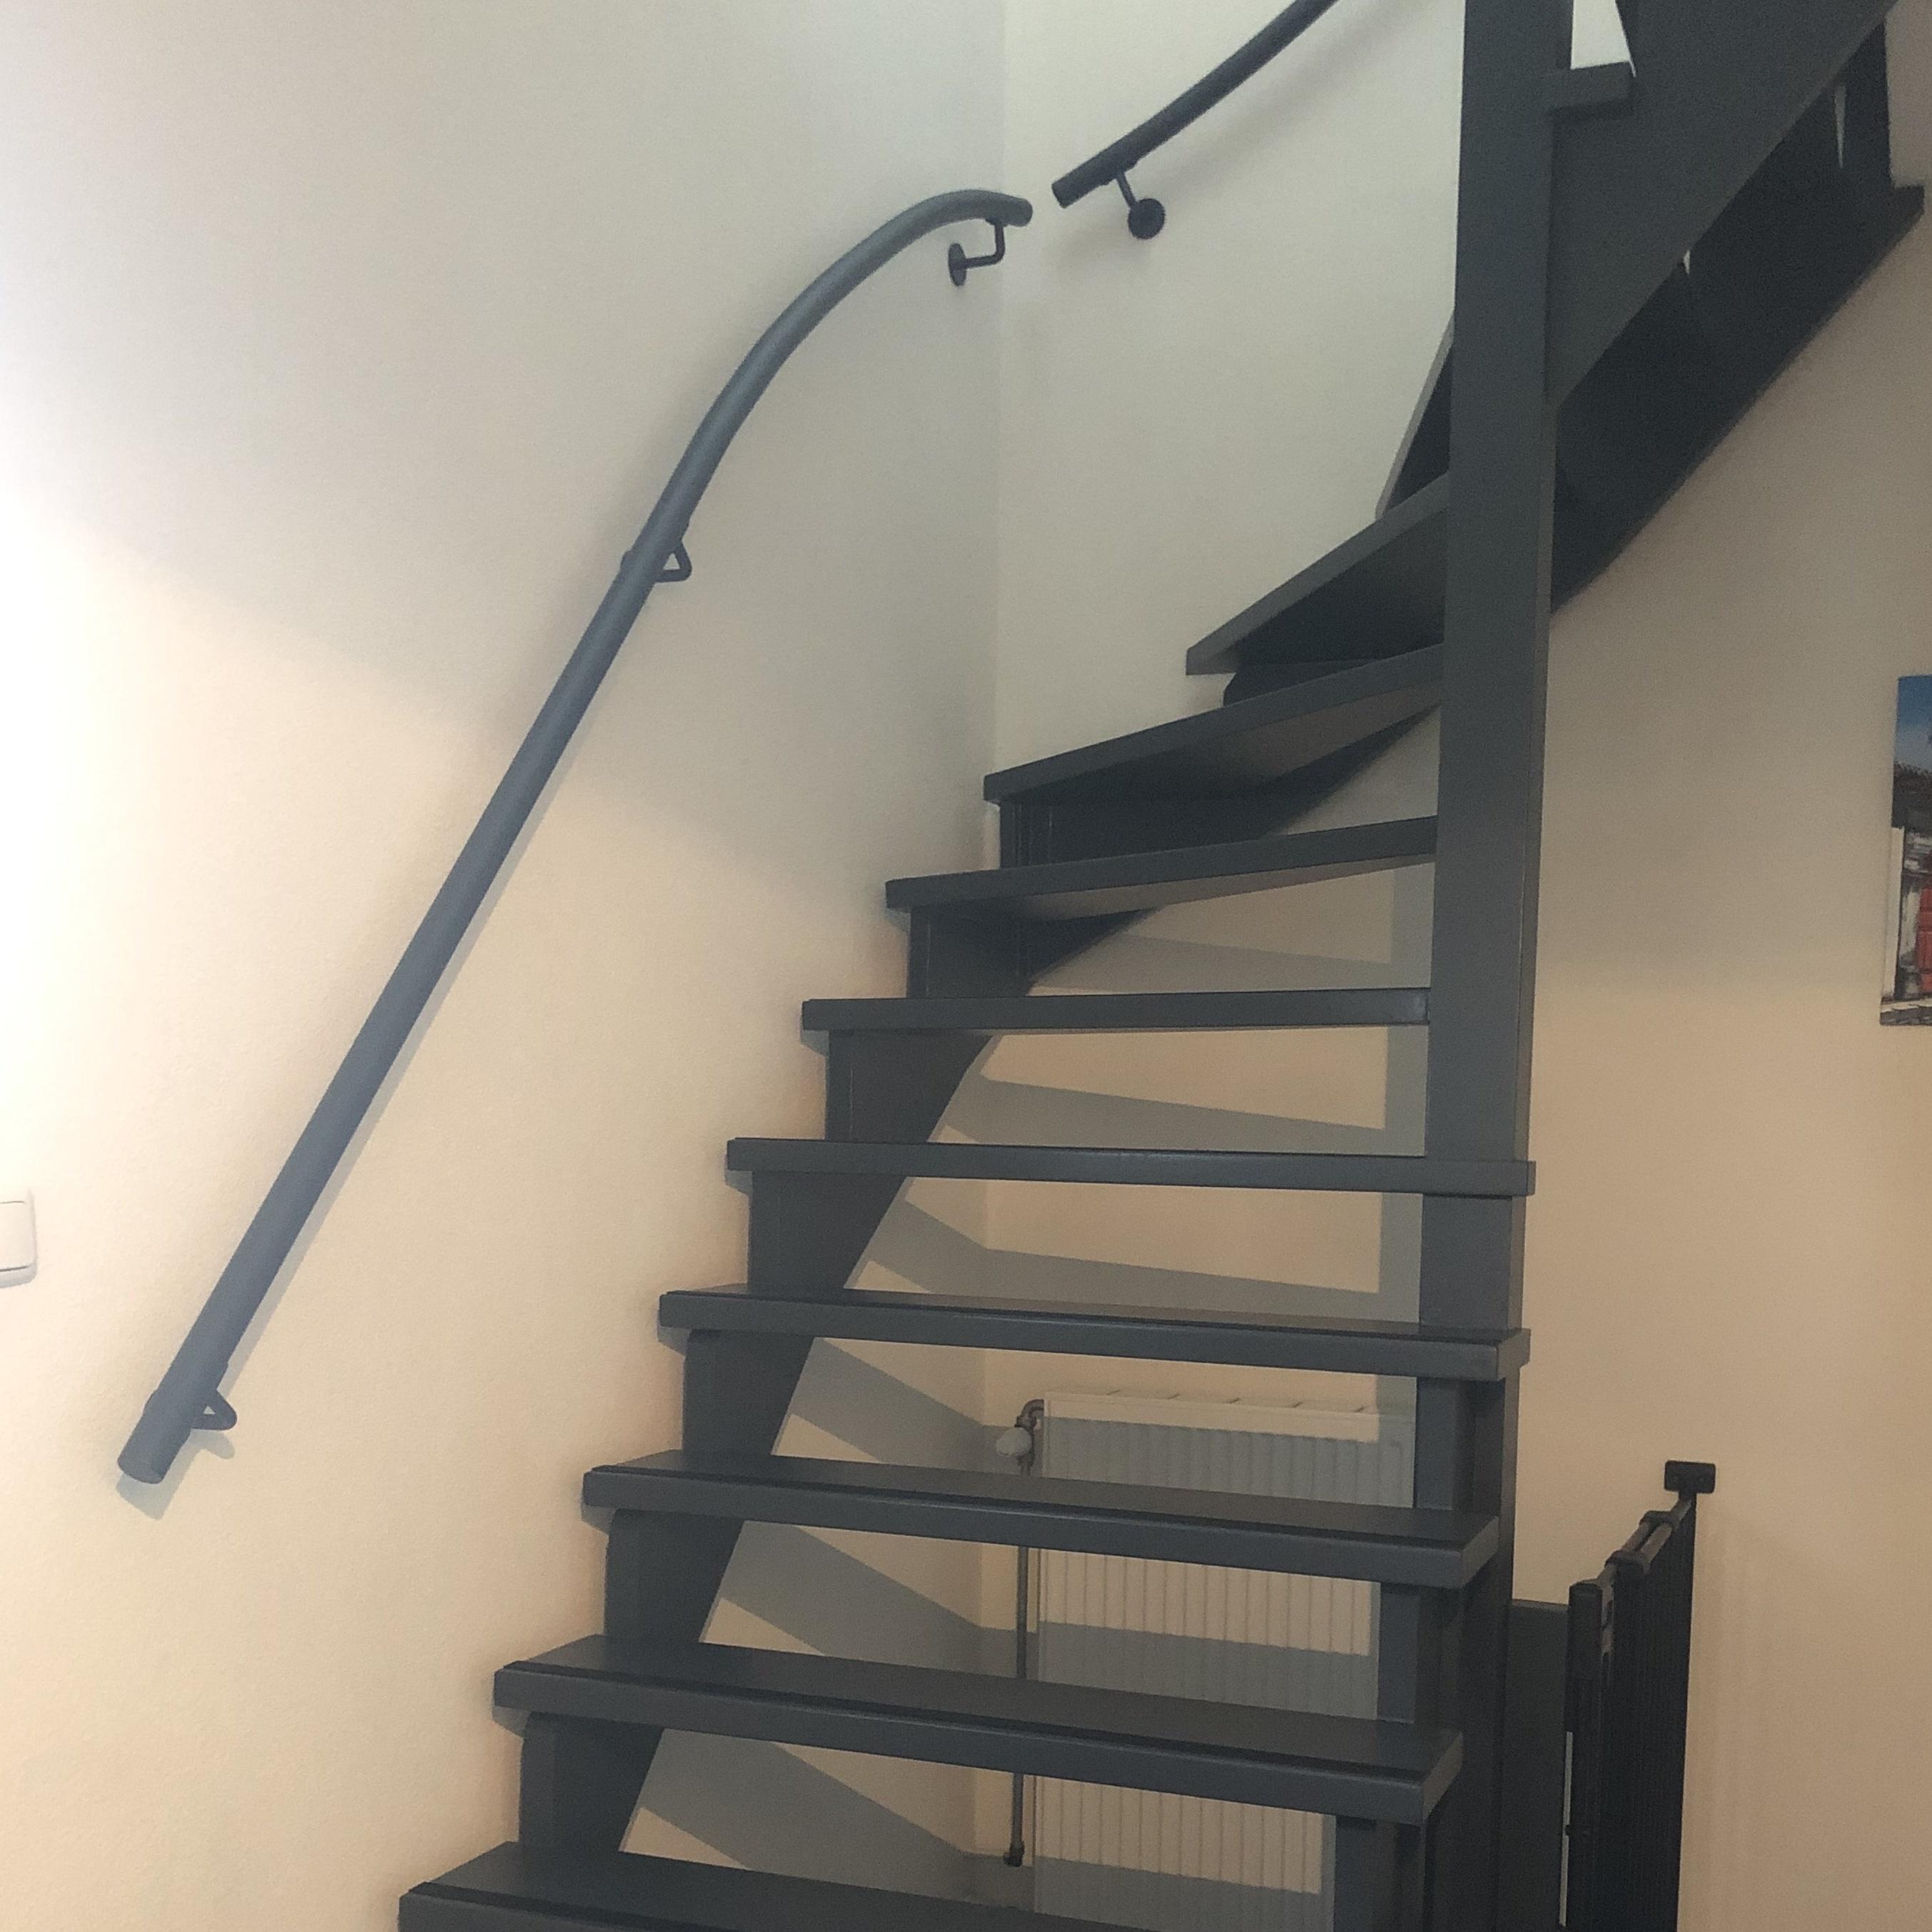 Handlauf anthrazit beschichtet rund schmal Modell 3 - Runde Treppengeländer - Treppenhandlauf mit anthrazitgrauer Pulverbeschichtung RAL 7016